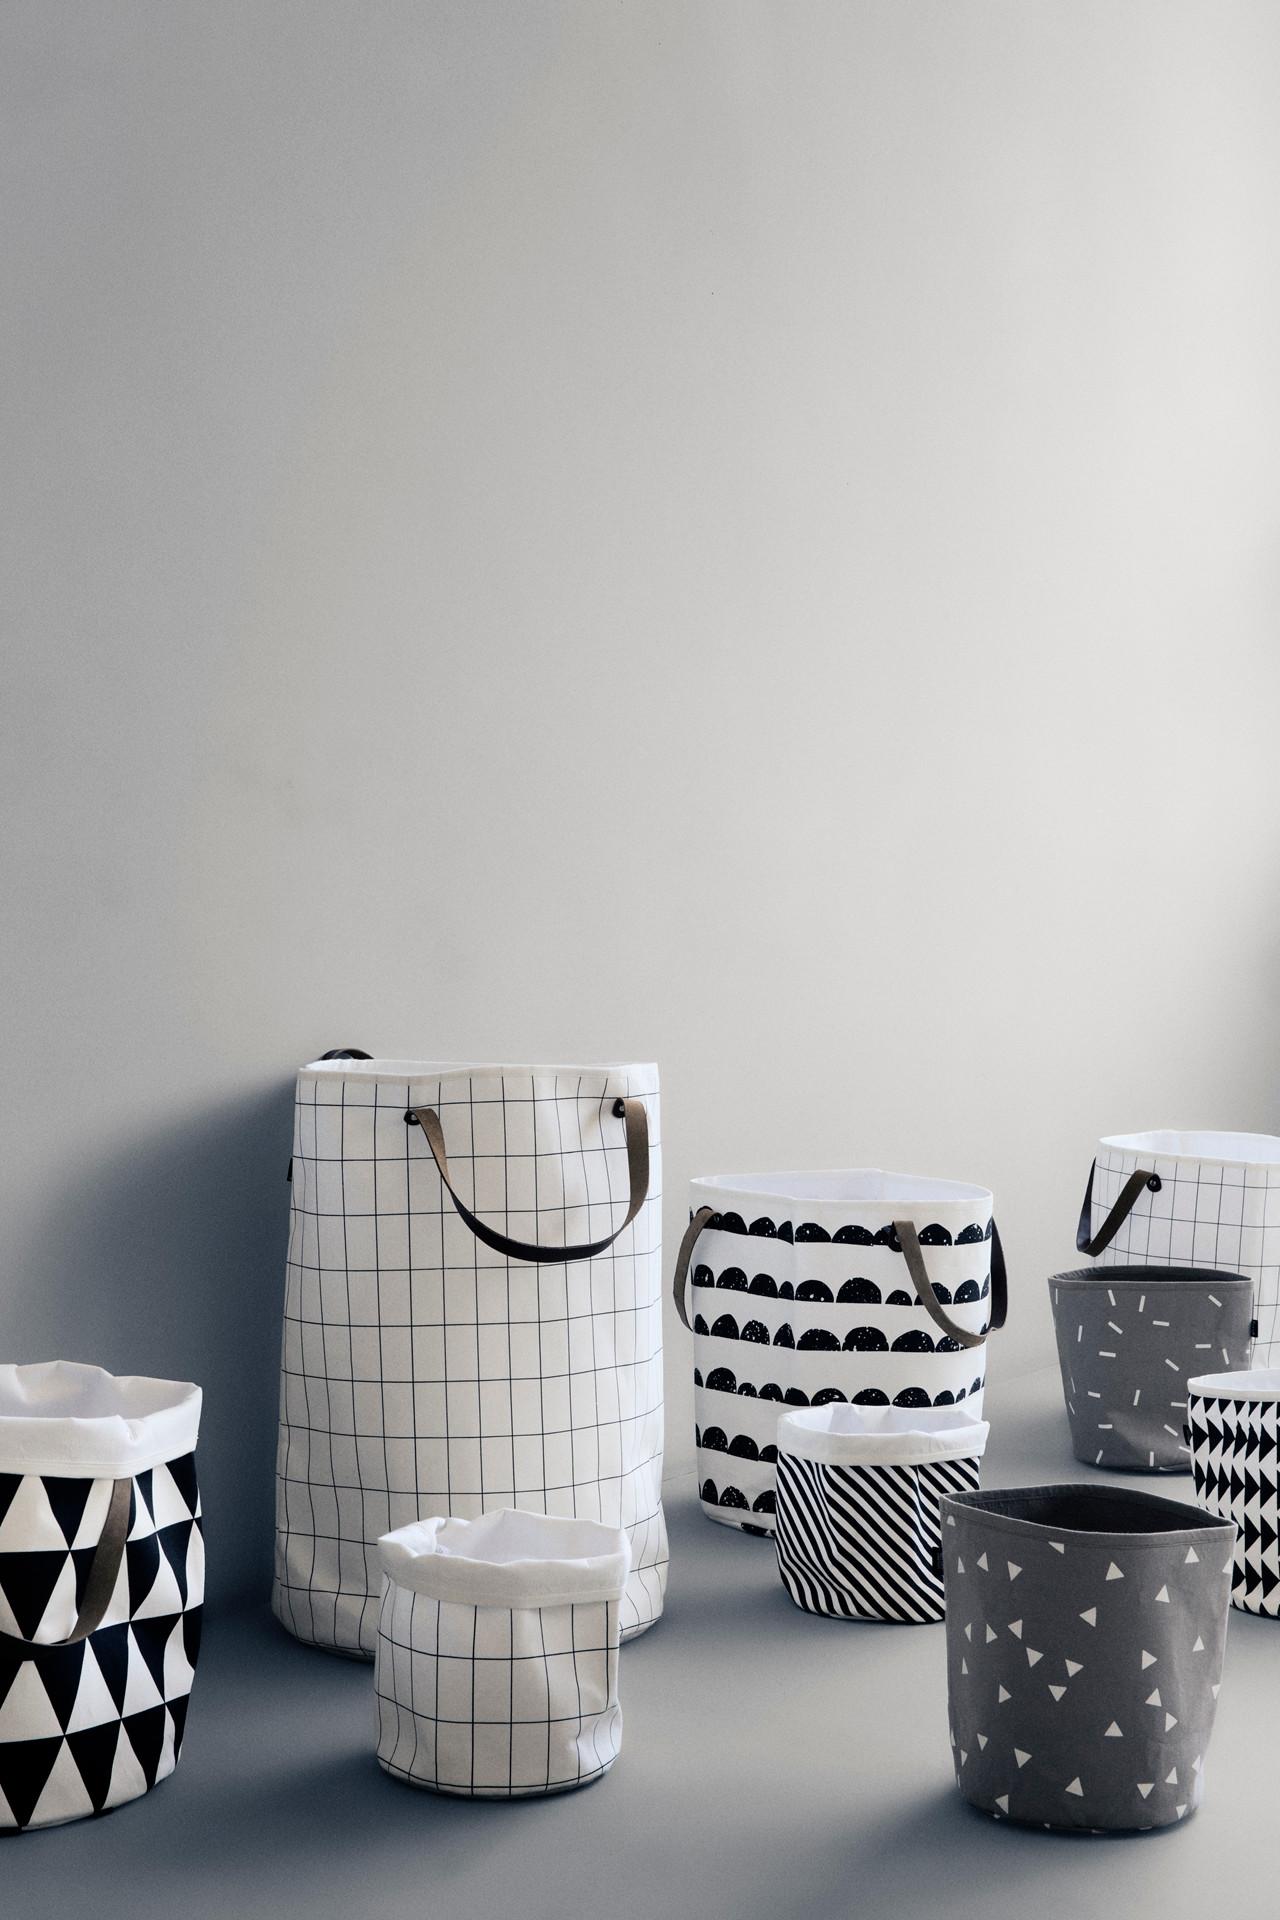 ferm living grid kurv grafisk opbevaring. Black Bedroom Furniture Sets. Home Design Ideas